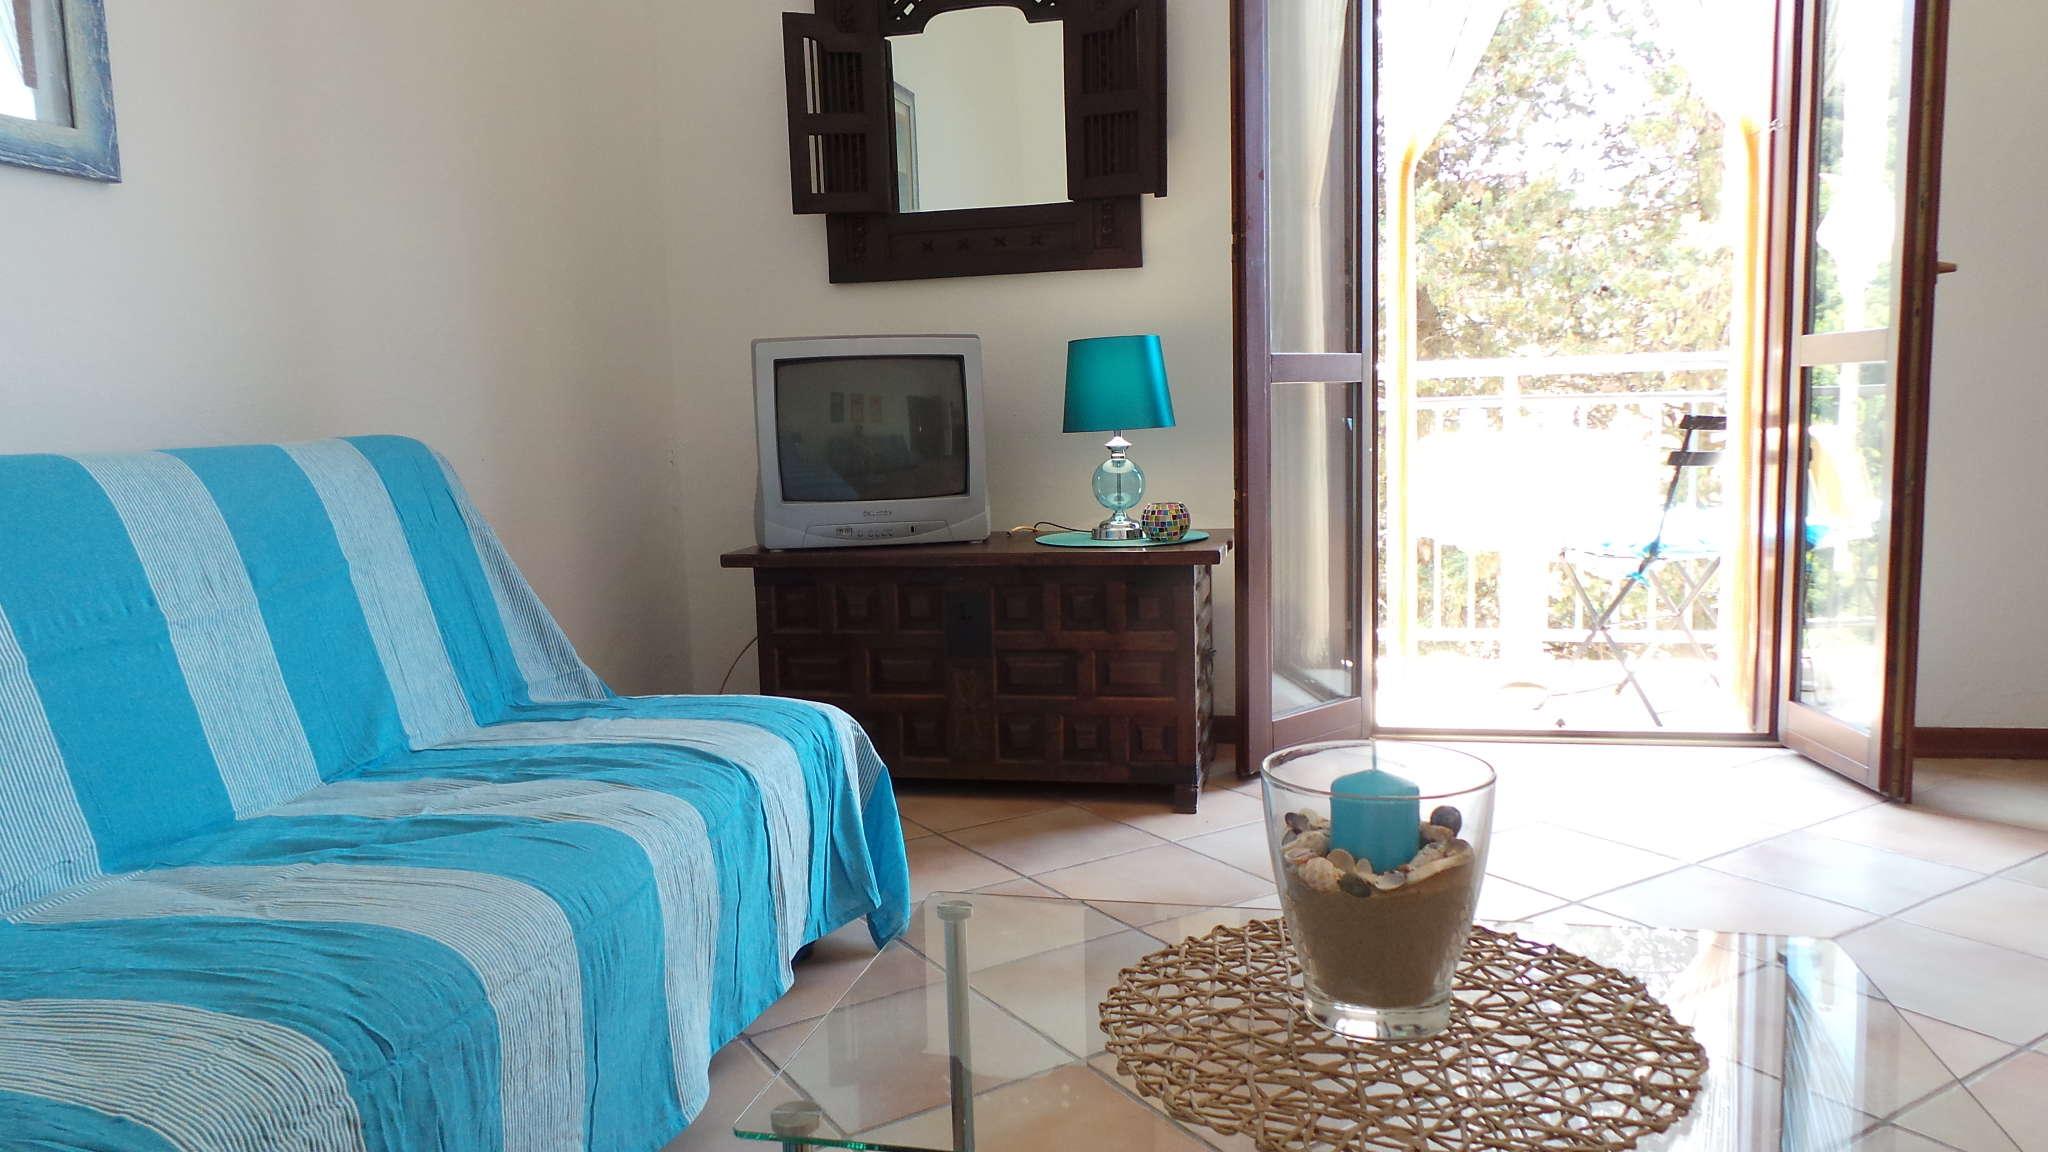 Wohnbereich, TV und Tür zum Balkon